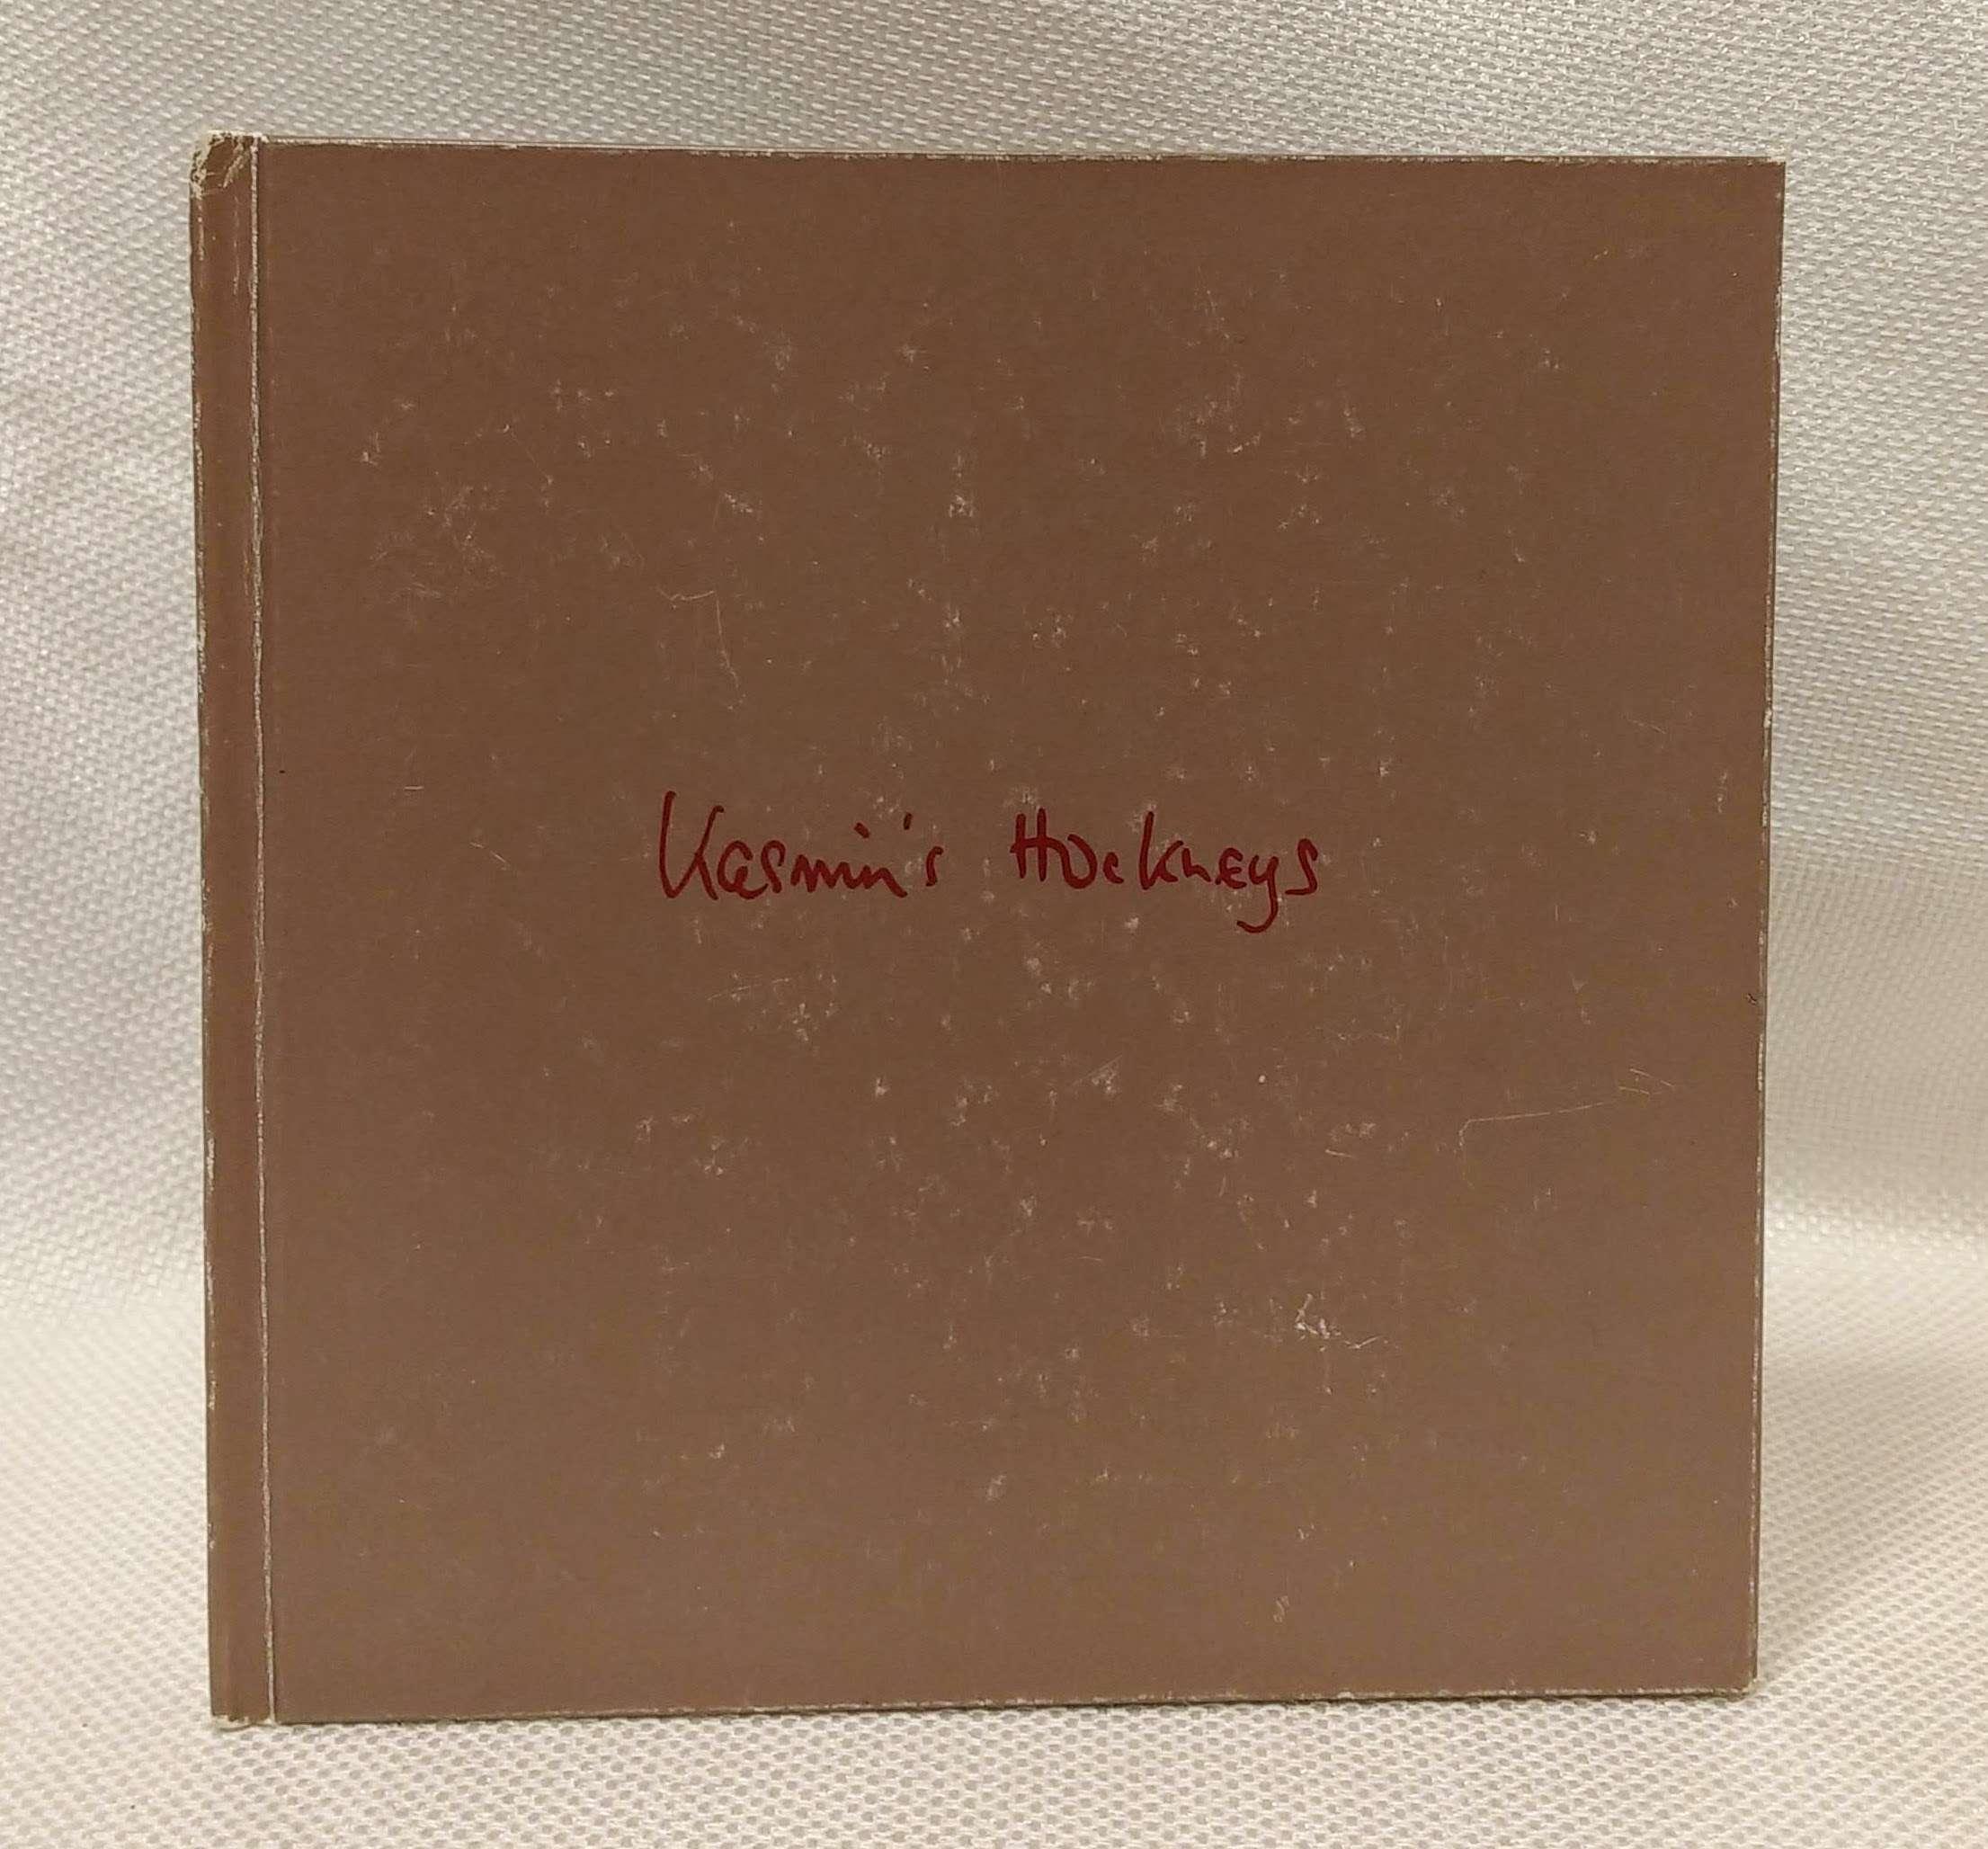 Kasmin's Hockneys: 45 drawings, Hockney, David